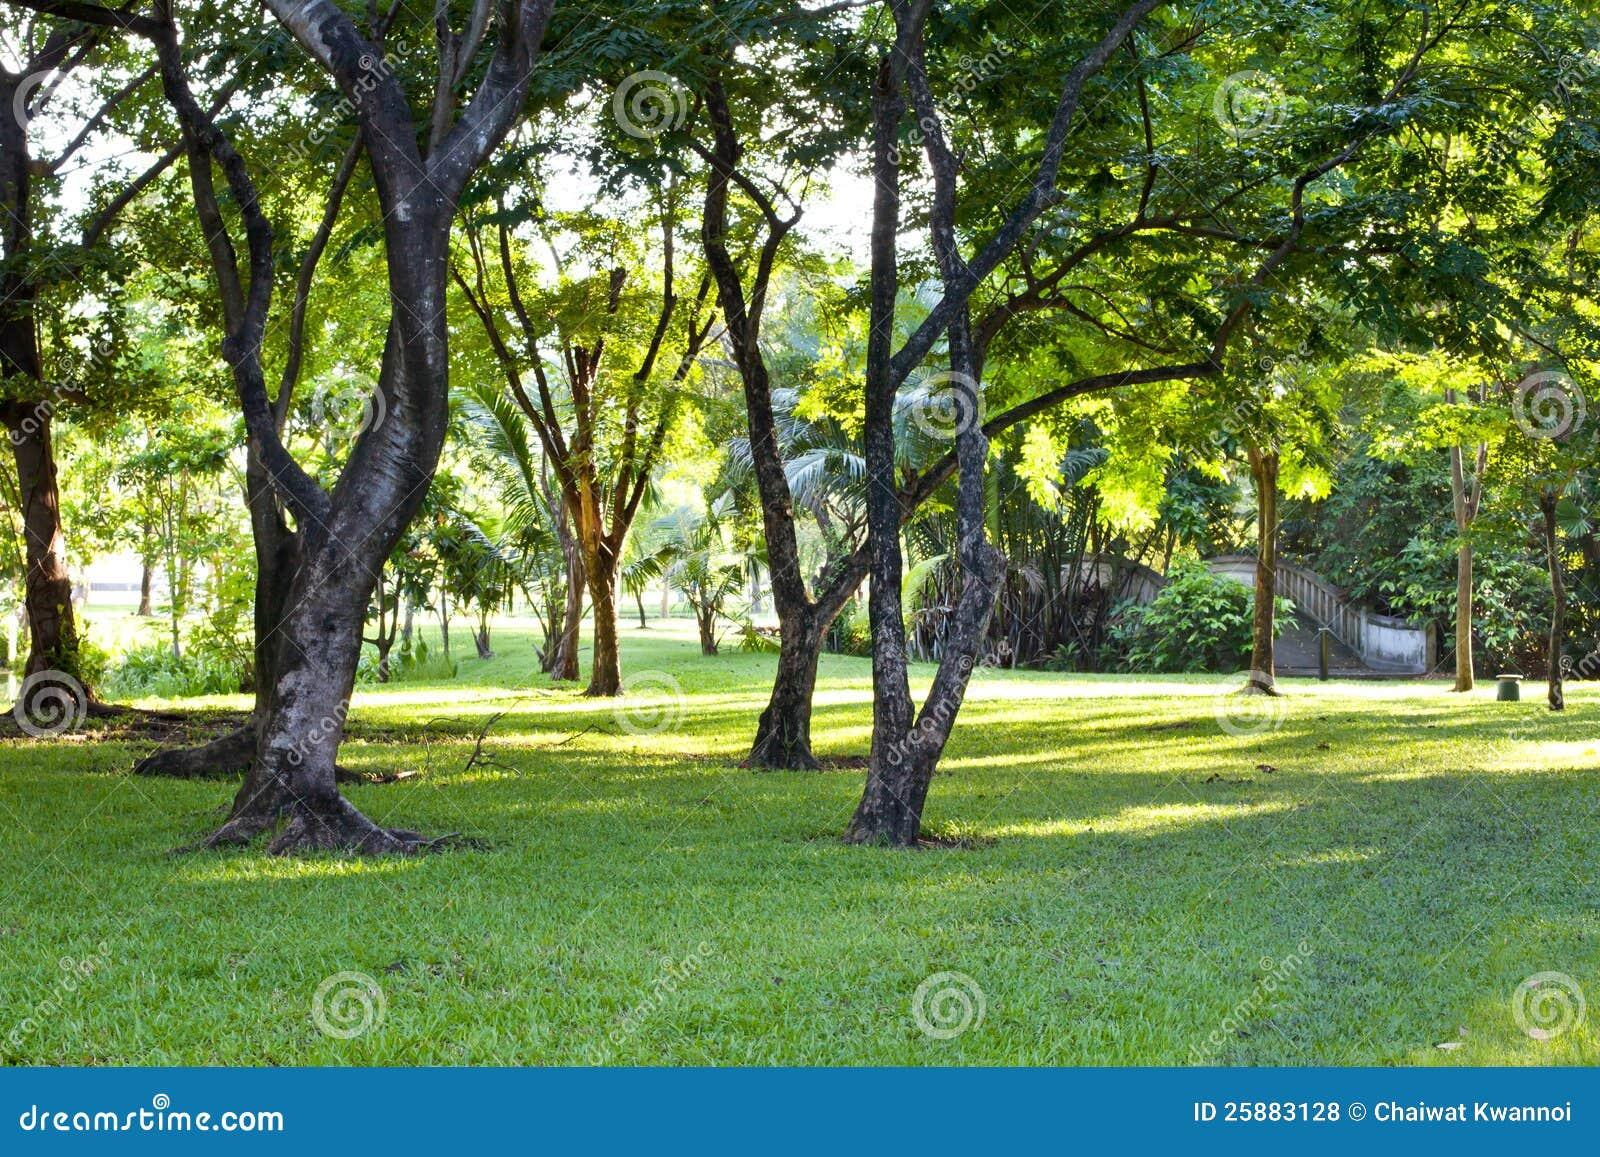 Park Als Tuin : Schöner parkgarten stockfoto. bild von pfad mittag blume 25883128